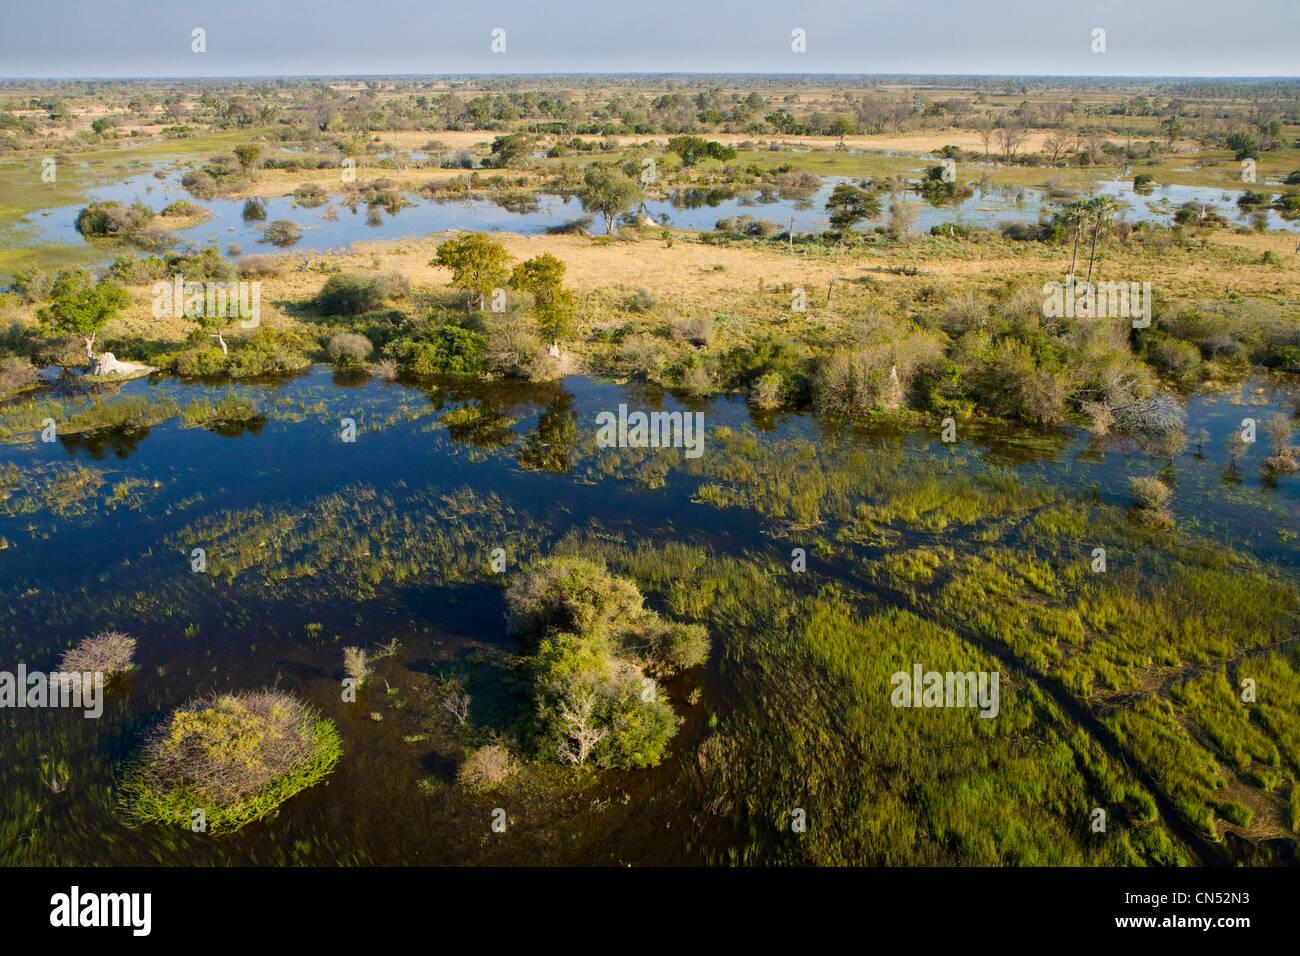 Botswana, Okavango Delta - Stock Image